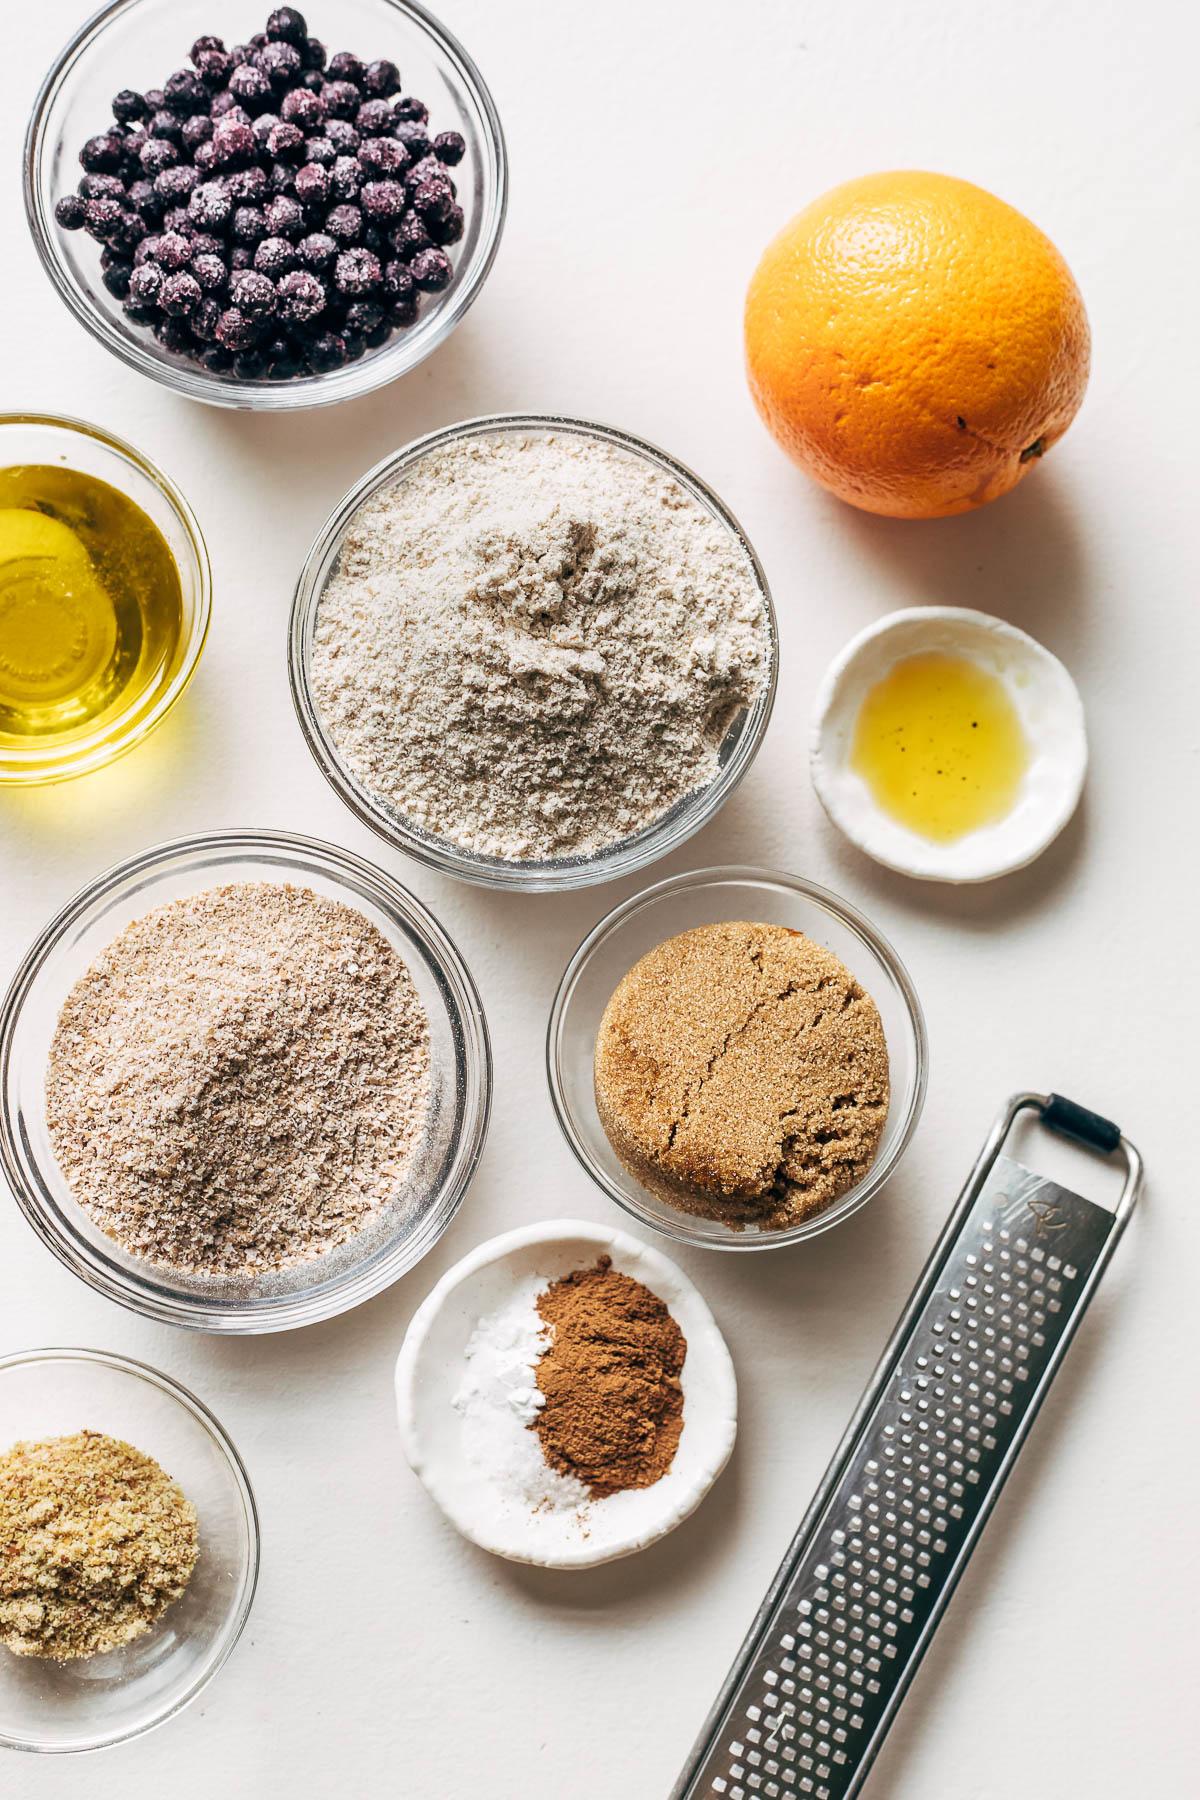 Ingredients for vegan bran muffins.